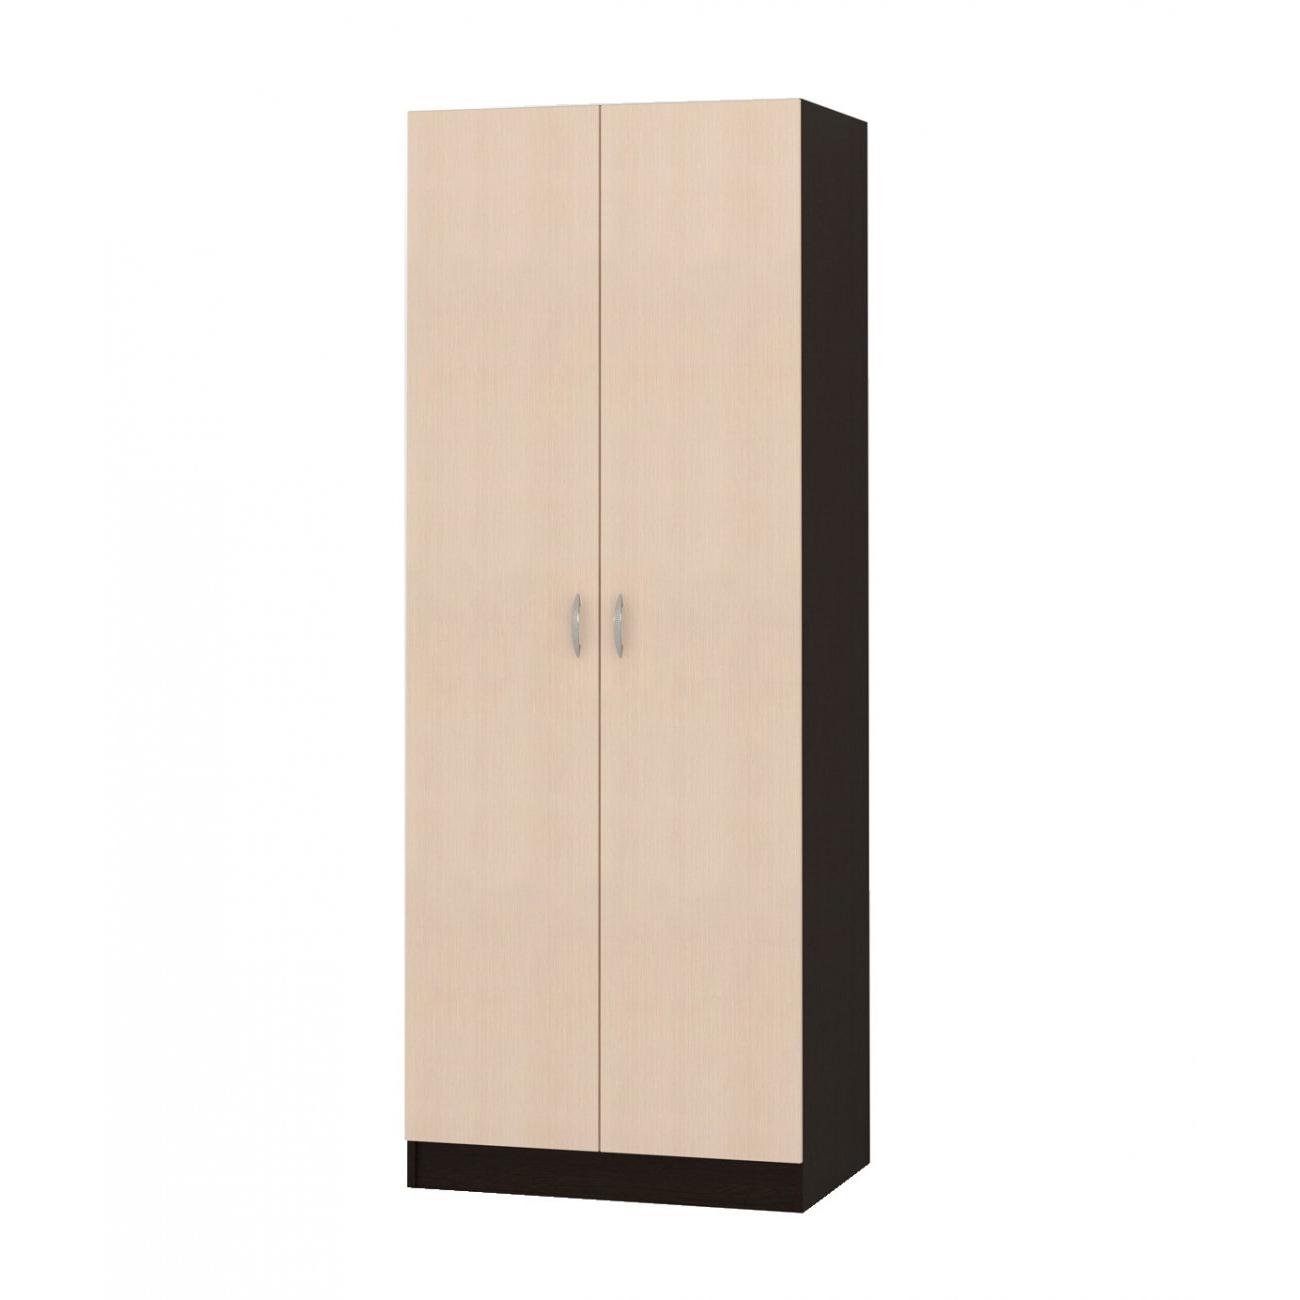 Шкаф распашной РИО-2.1/2.6/2.11 двухдверный шкаф распашной рио 4 4